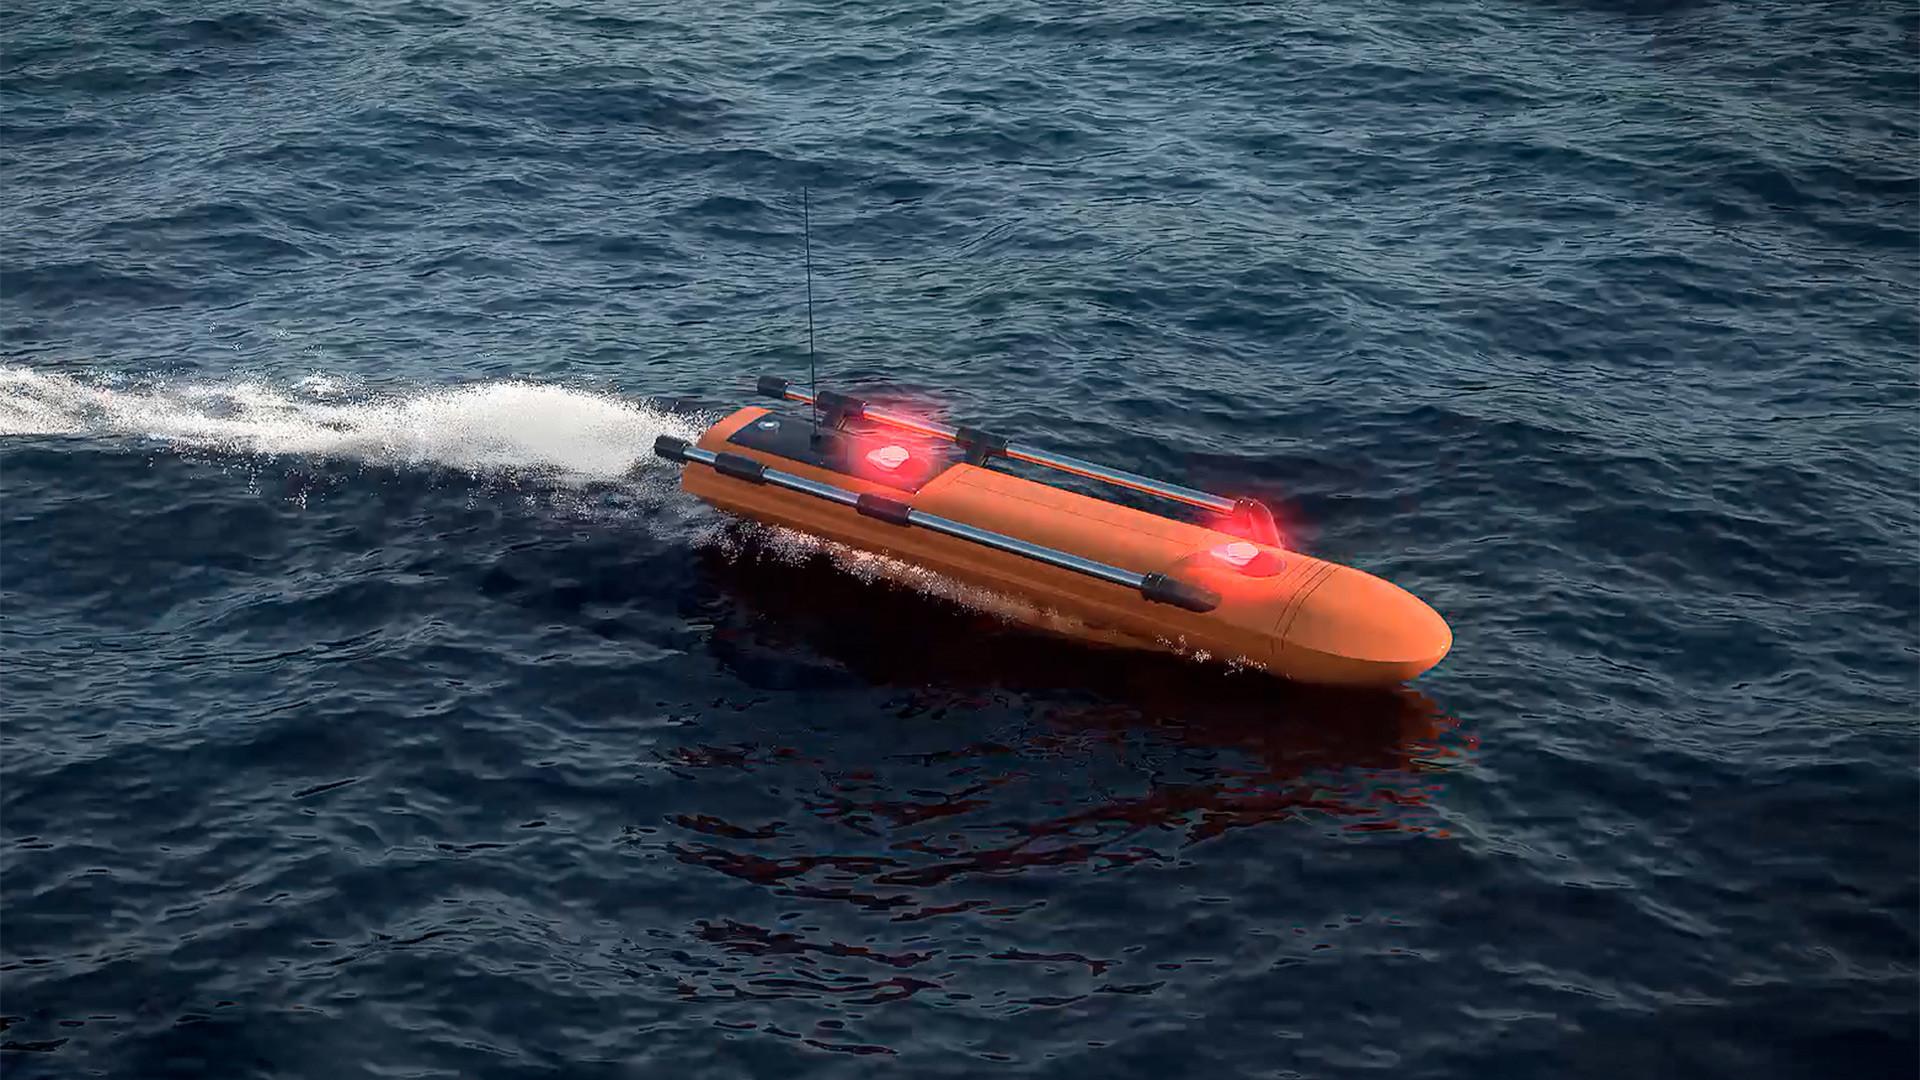 Bespilotno plovilo s umjetnom inteligencijom